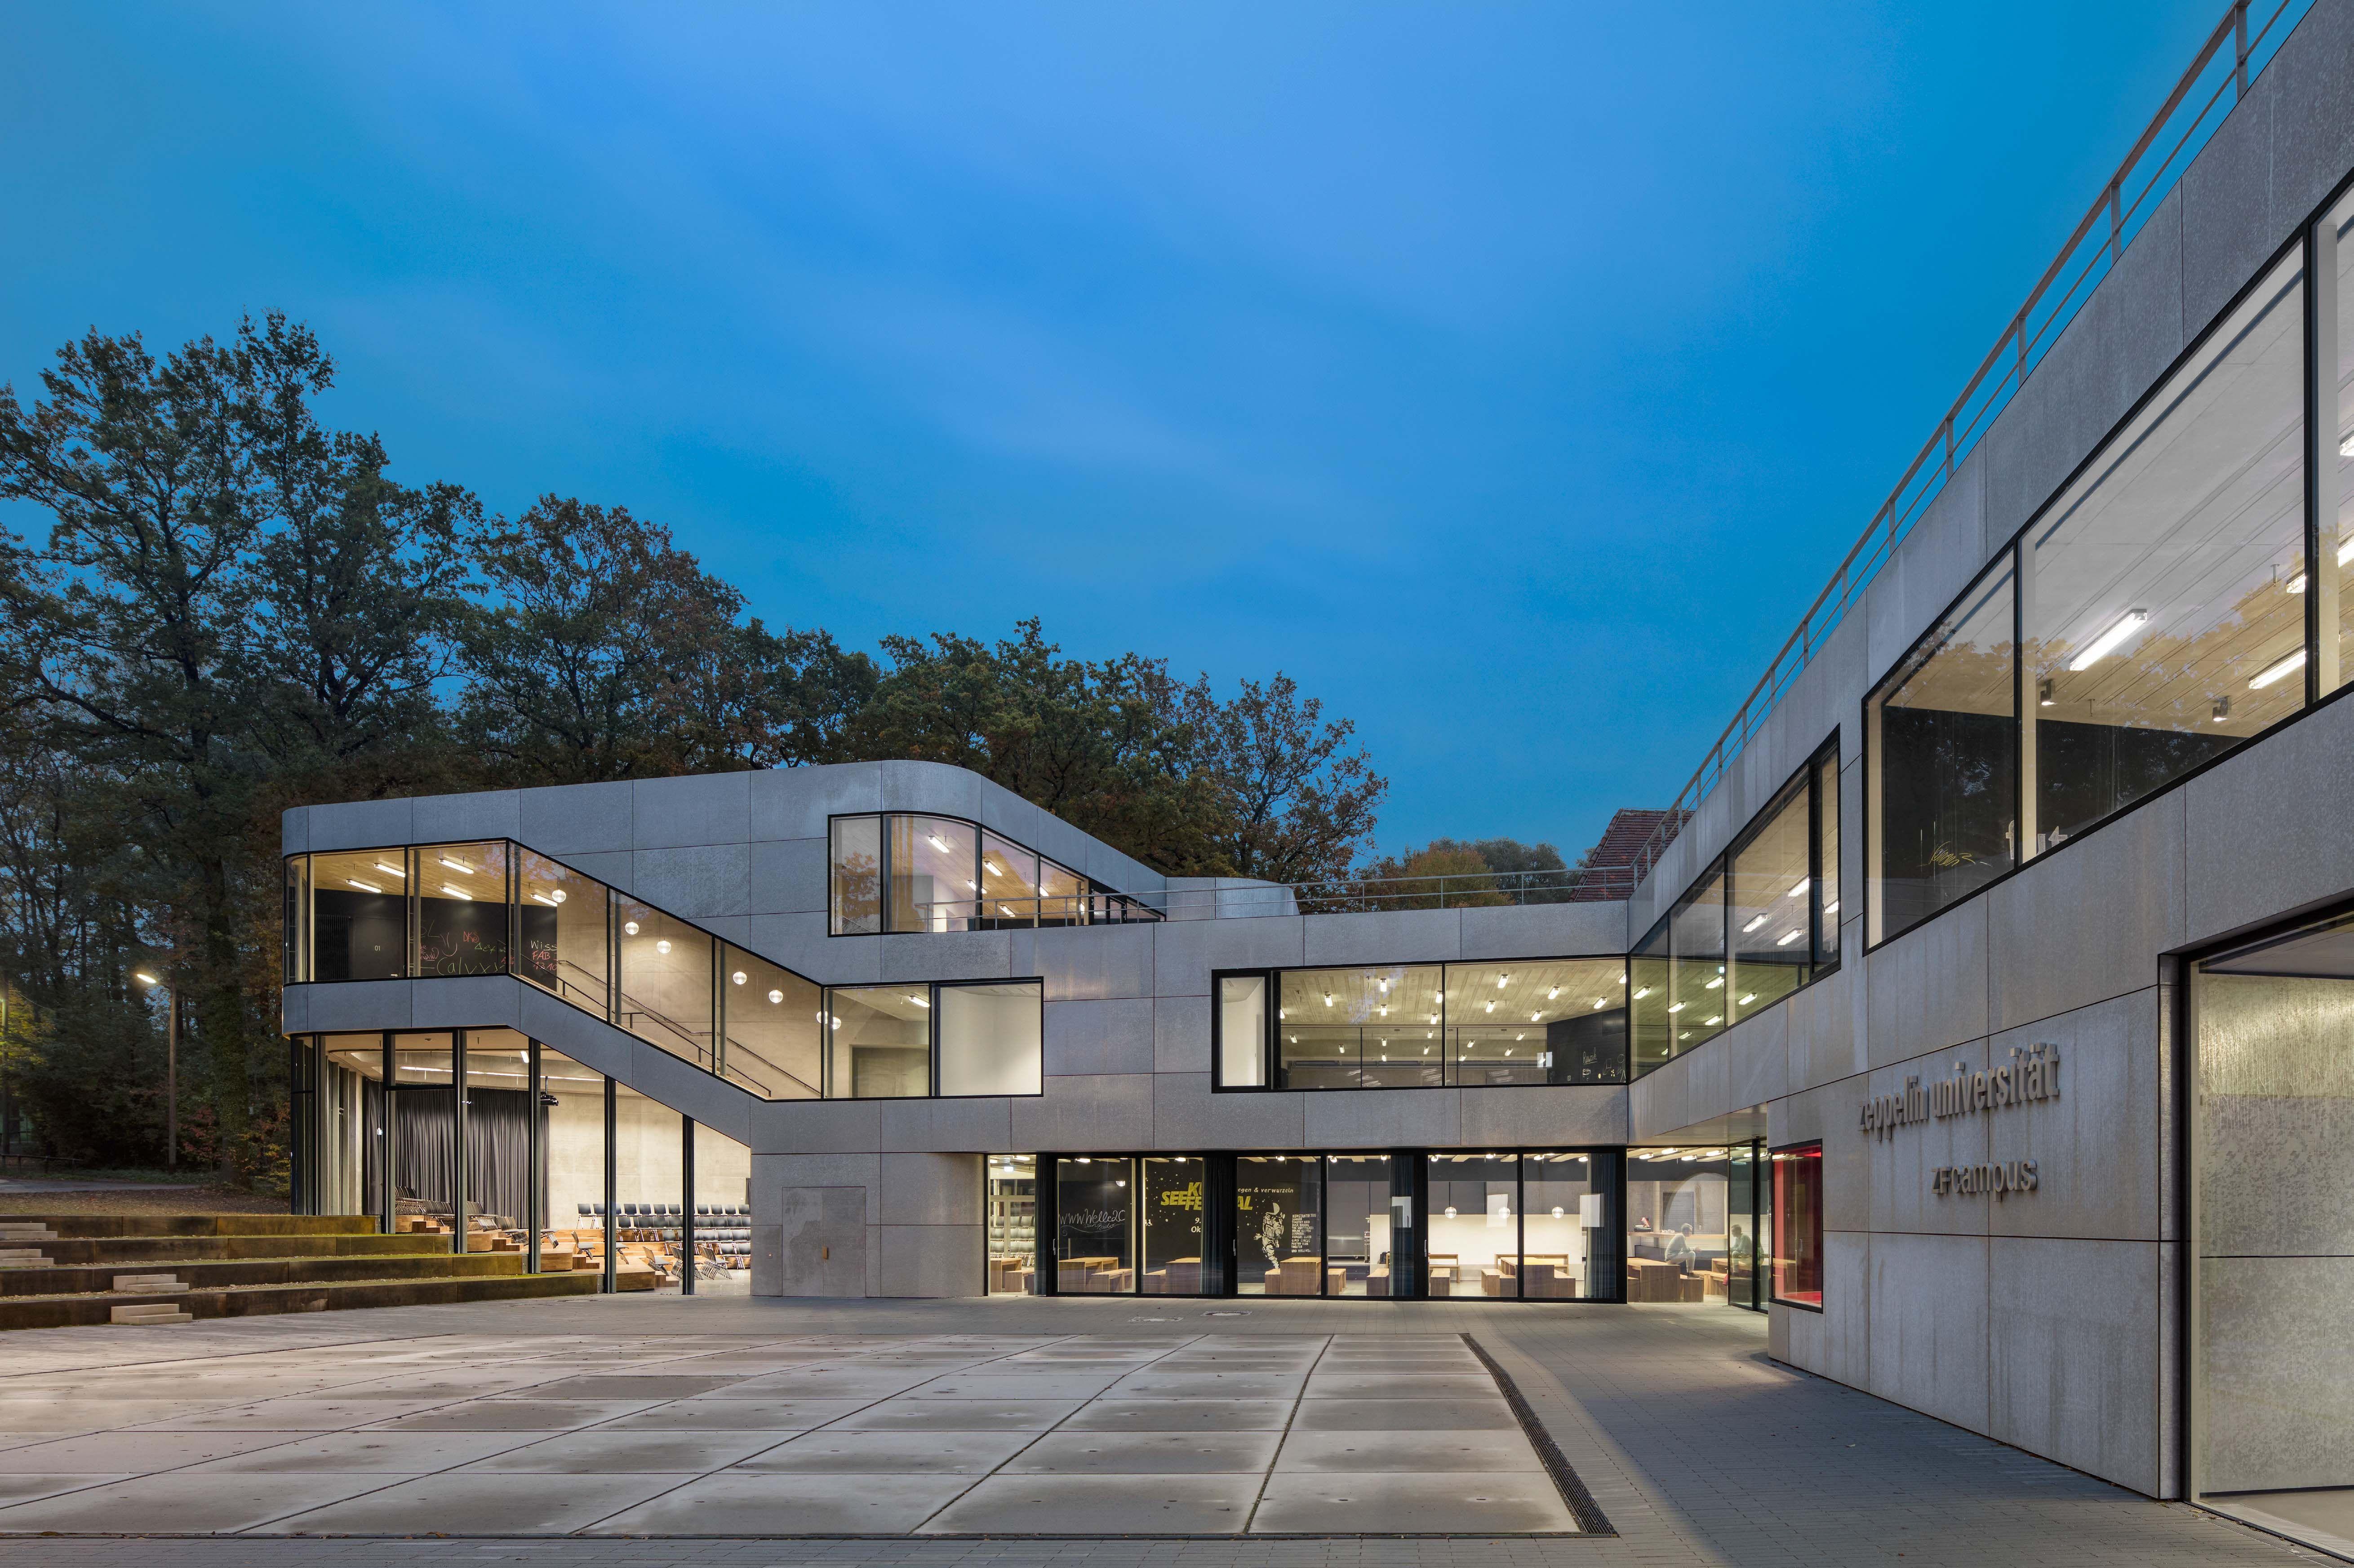 Neuer Hauptcampus Der Zeppelin Universitat Friedrichshafen Mit Feuerverzinkter Fassade Architekten As If Architekten Berlin Style At Home Fassade Architekt